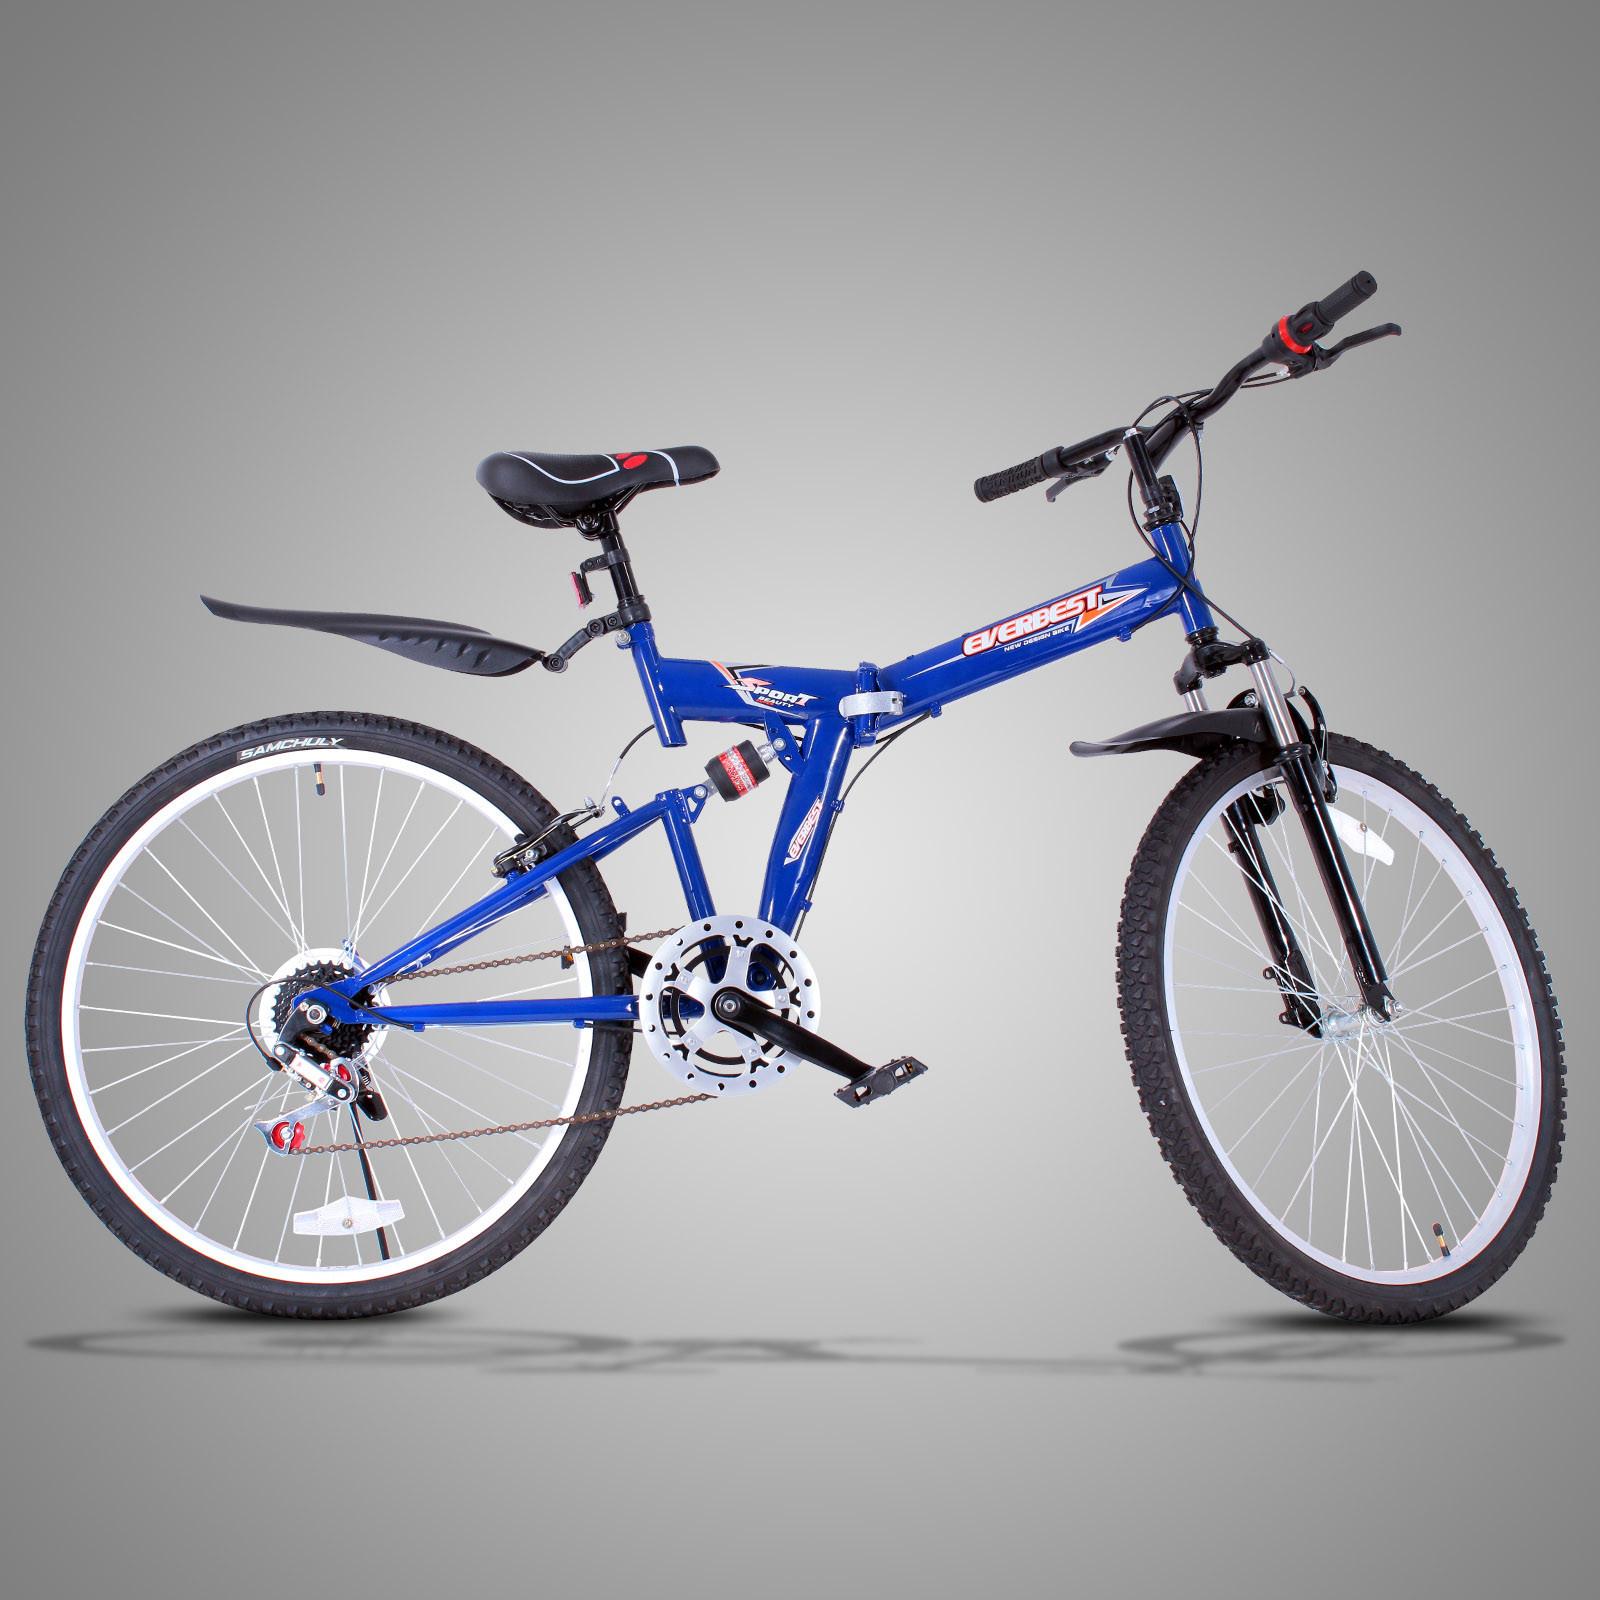 26 zoll klapprad mountainbike mtb 6 7 21 gang disc v brake. Black Bedroom Furniture Sets. Home Design Ideas